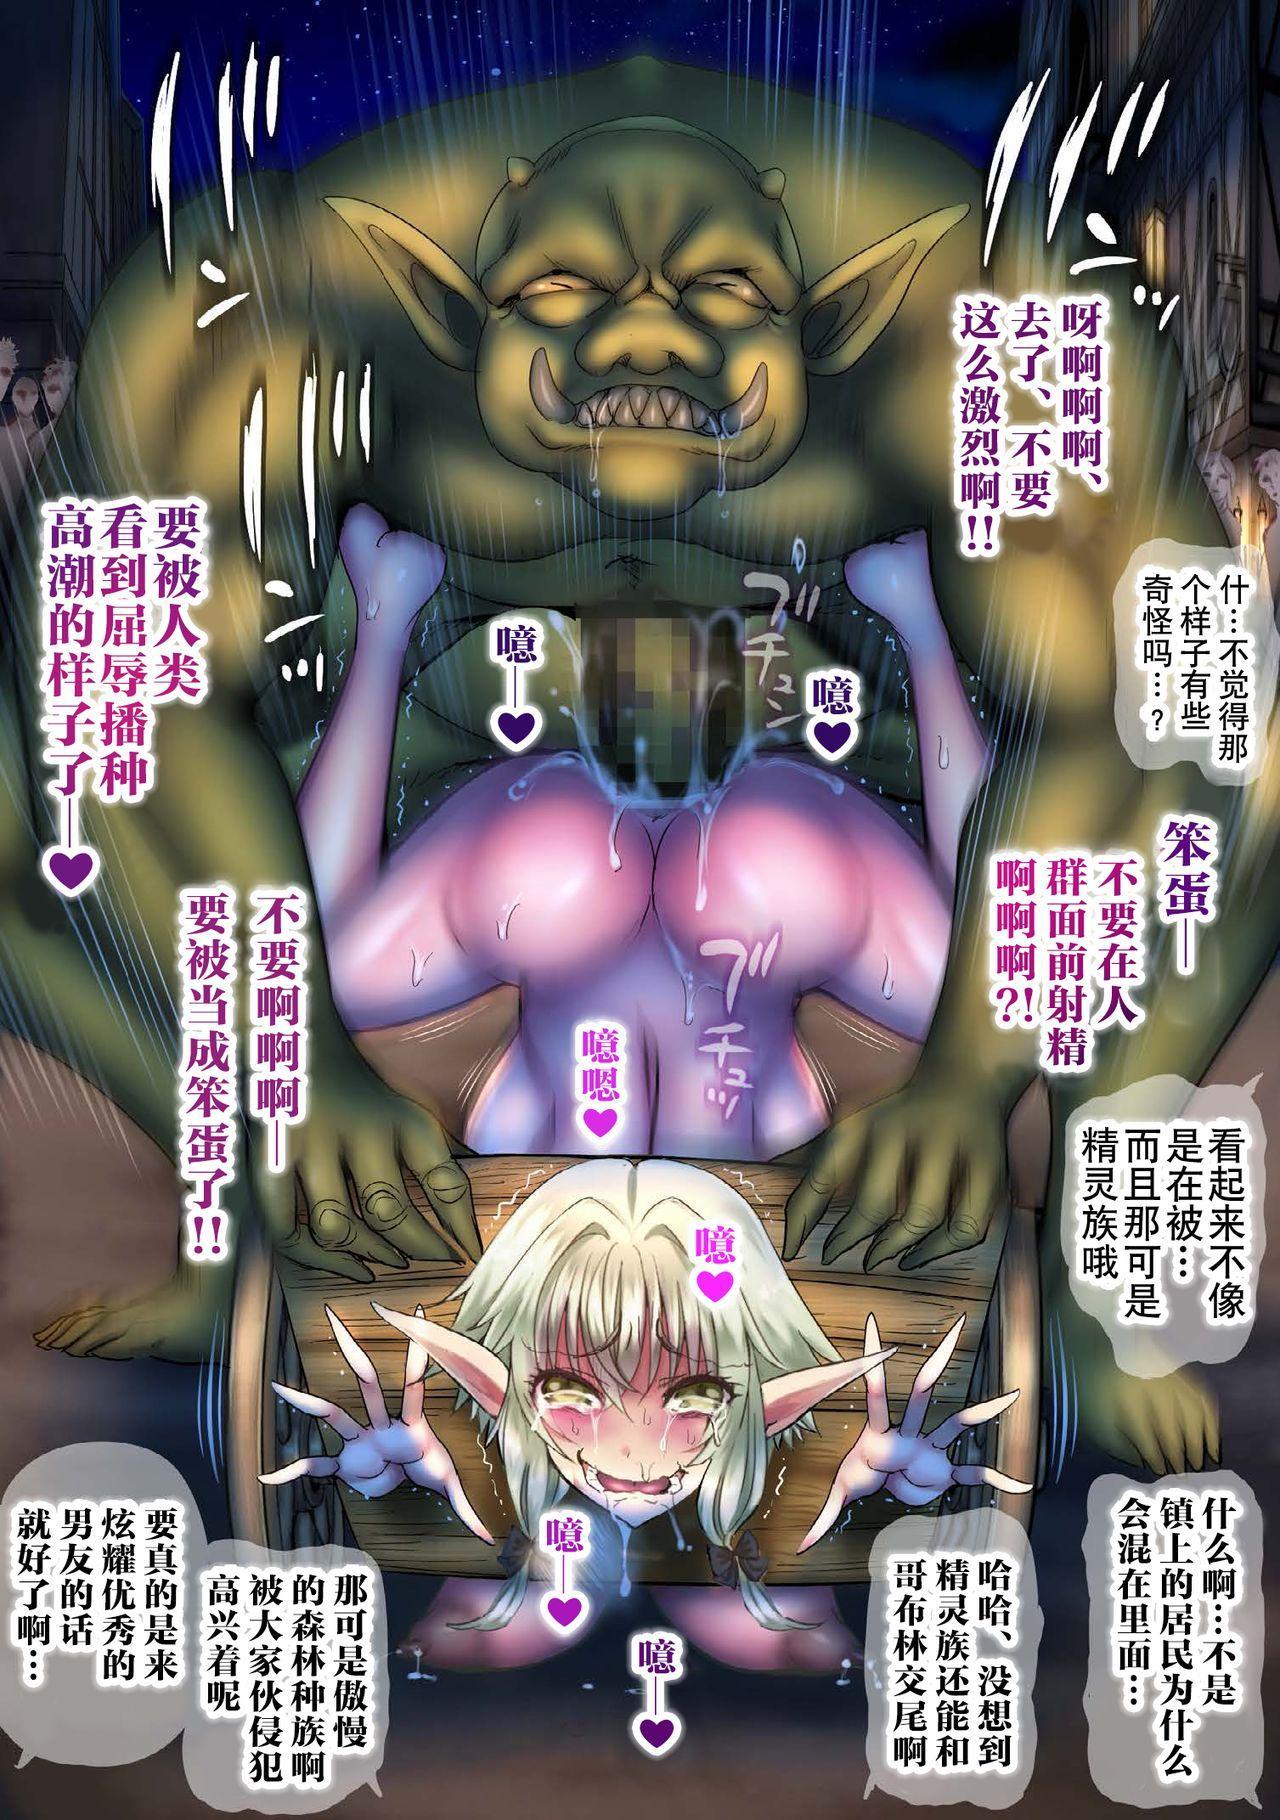 Zenmetsu Party Rape 3 | 全灭强奸派对3 71